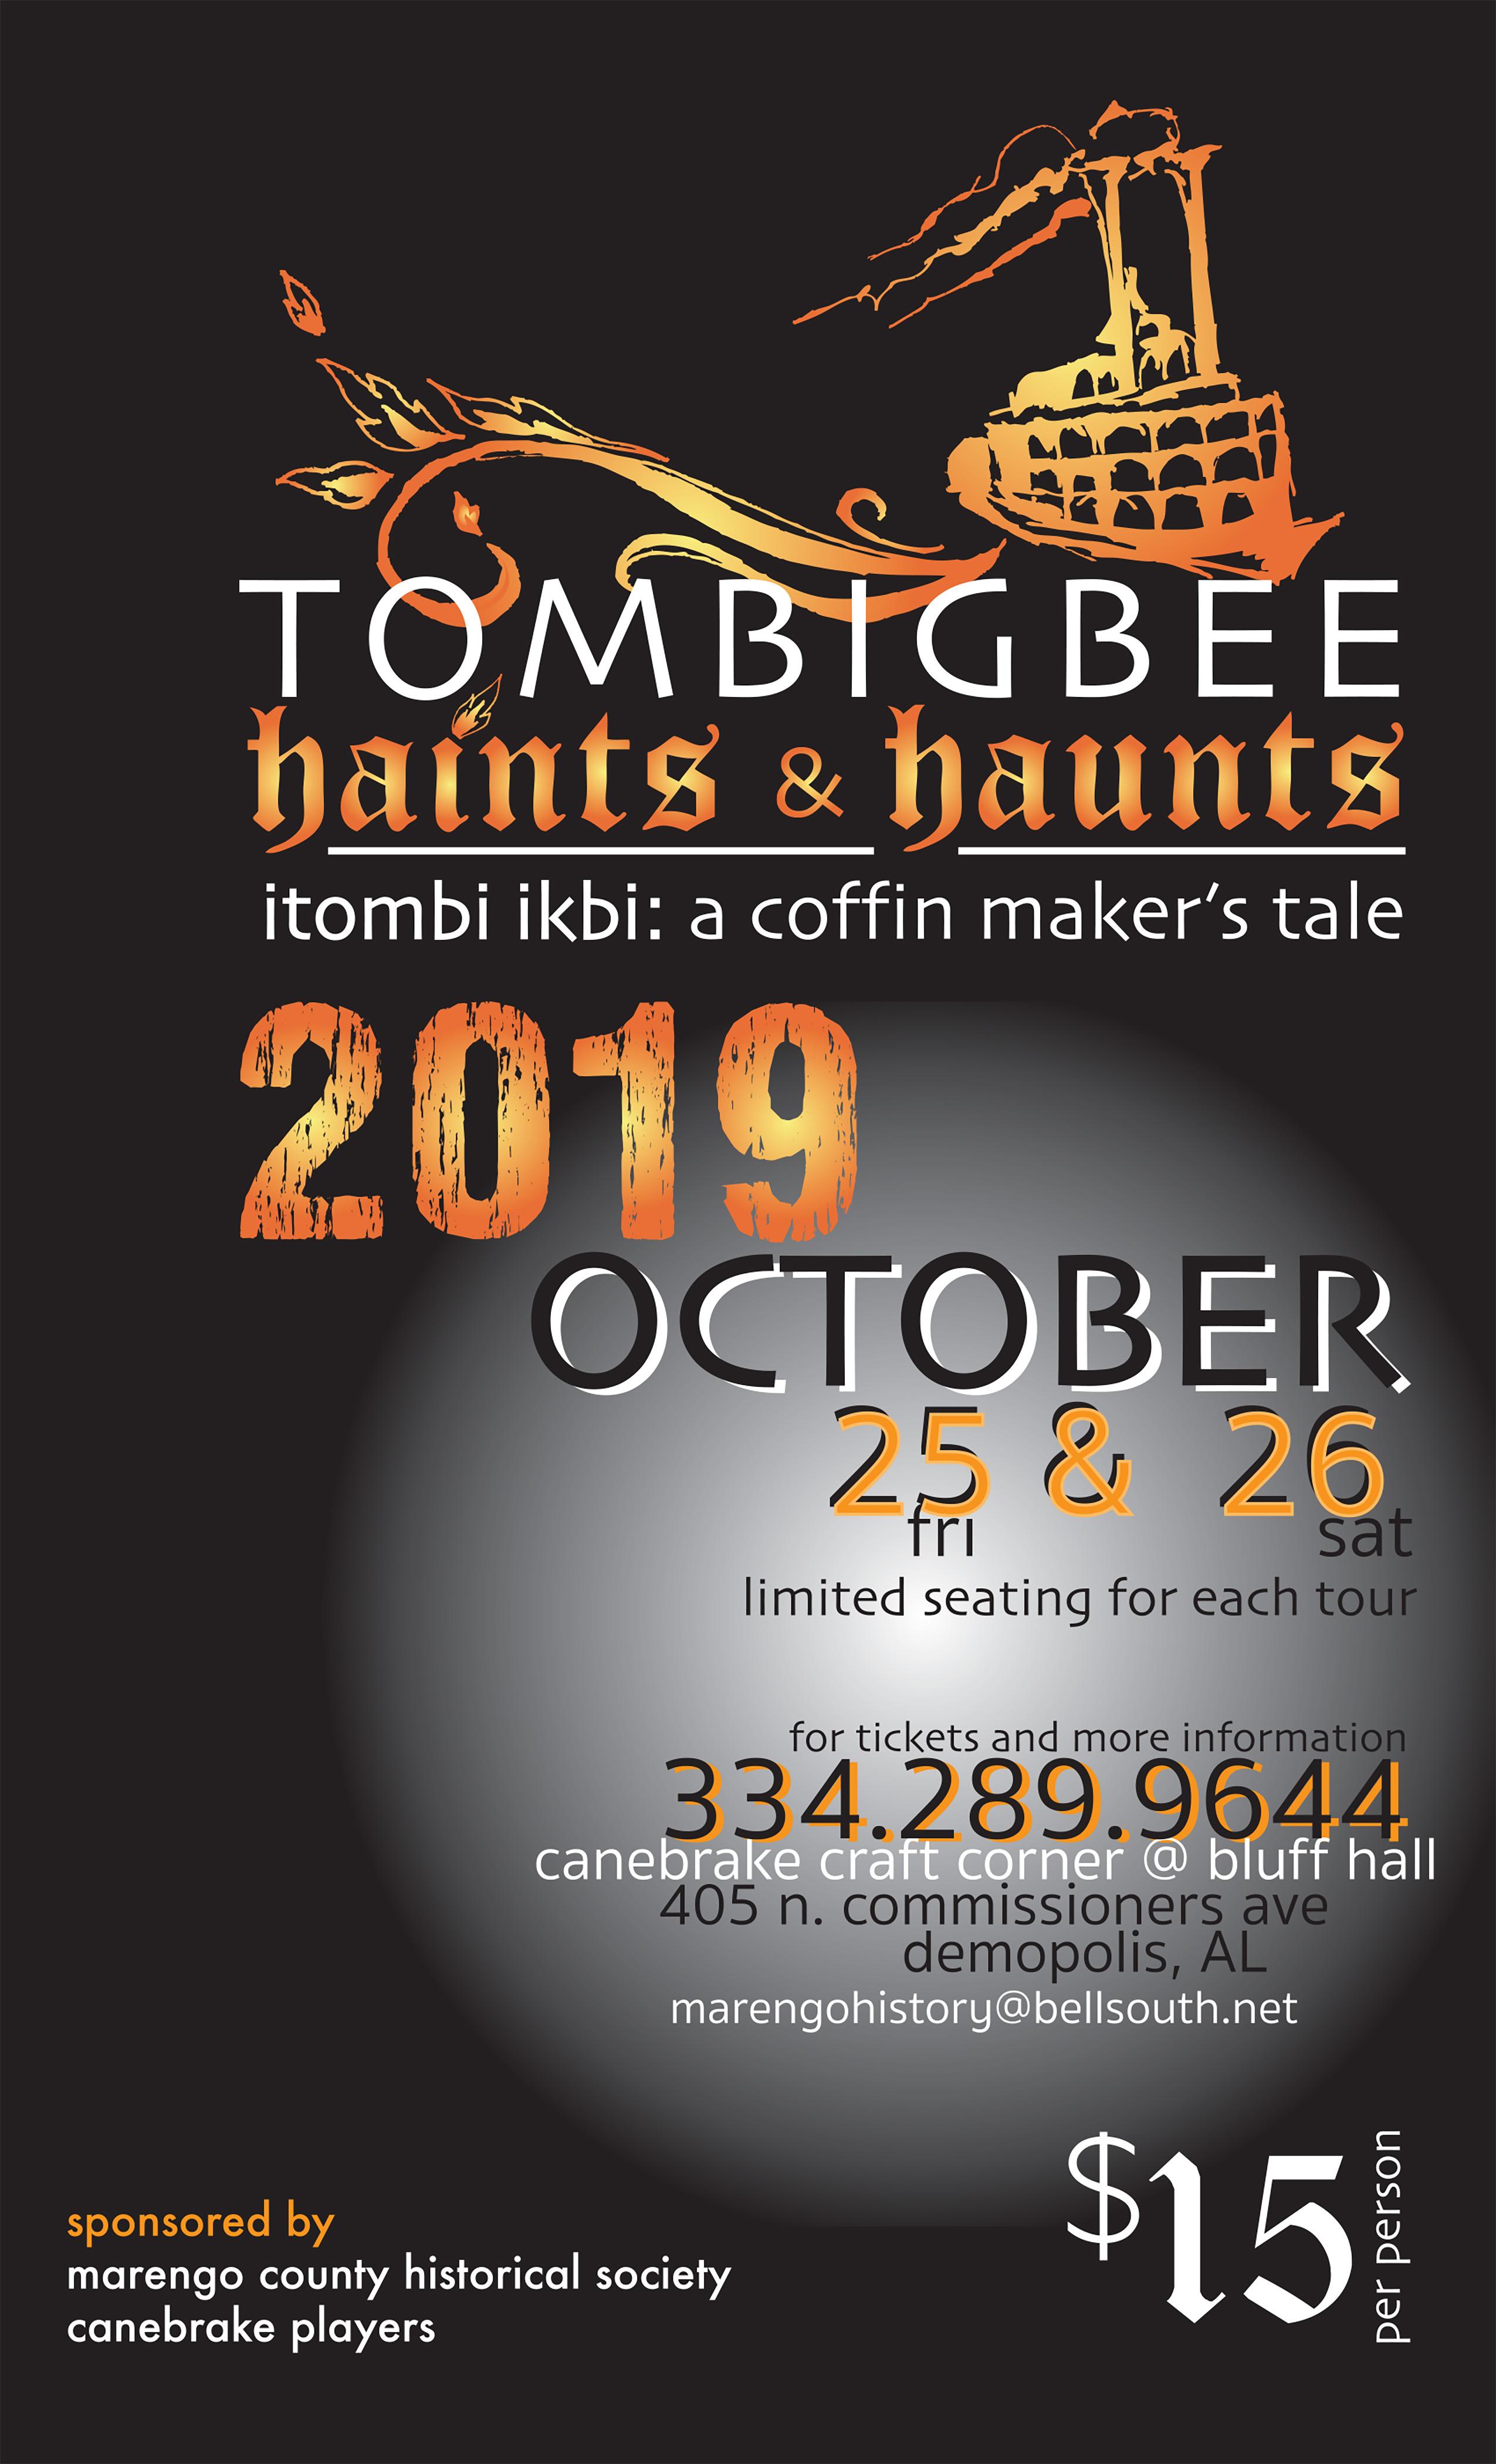 Tombigbee Haints & Haunts